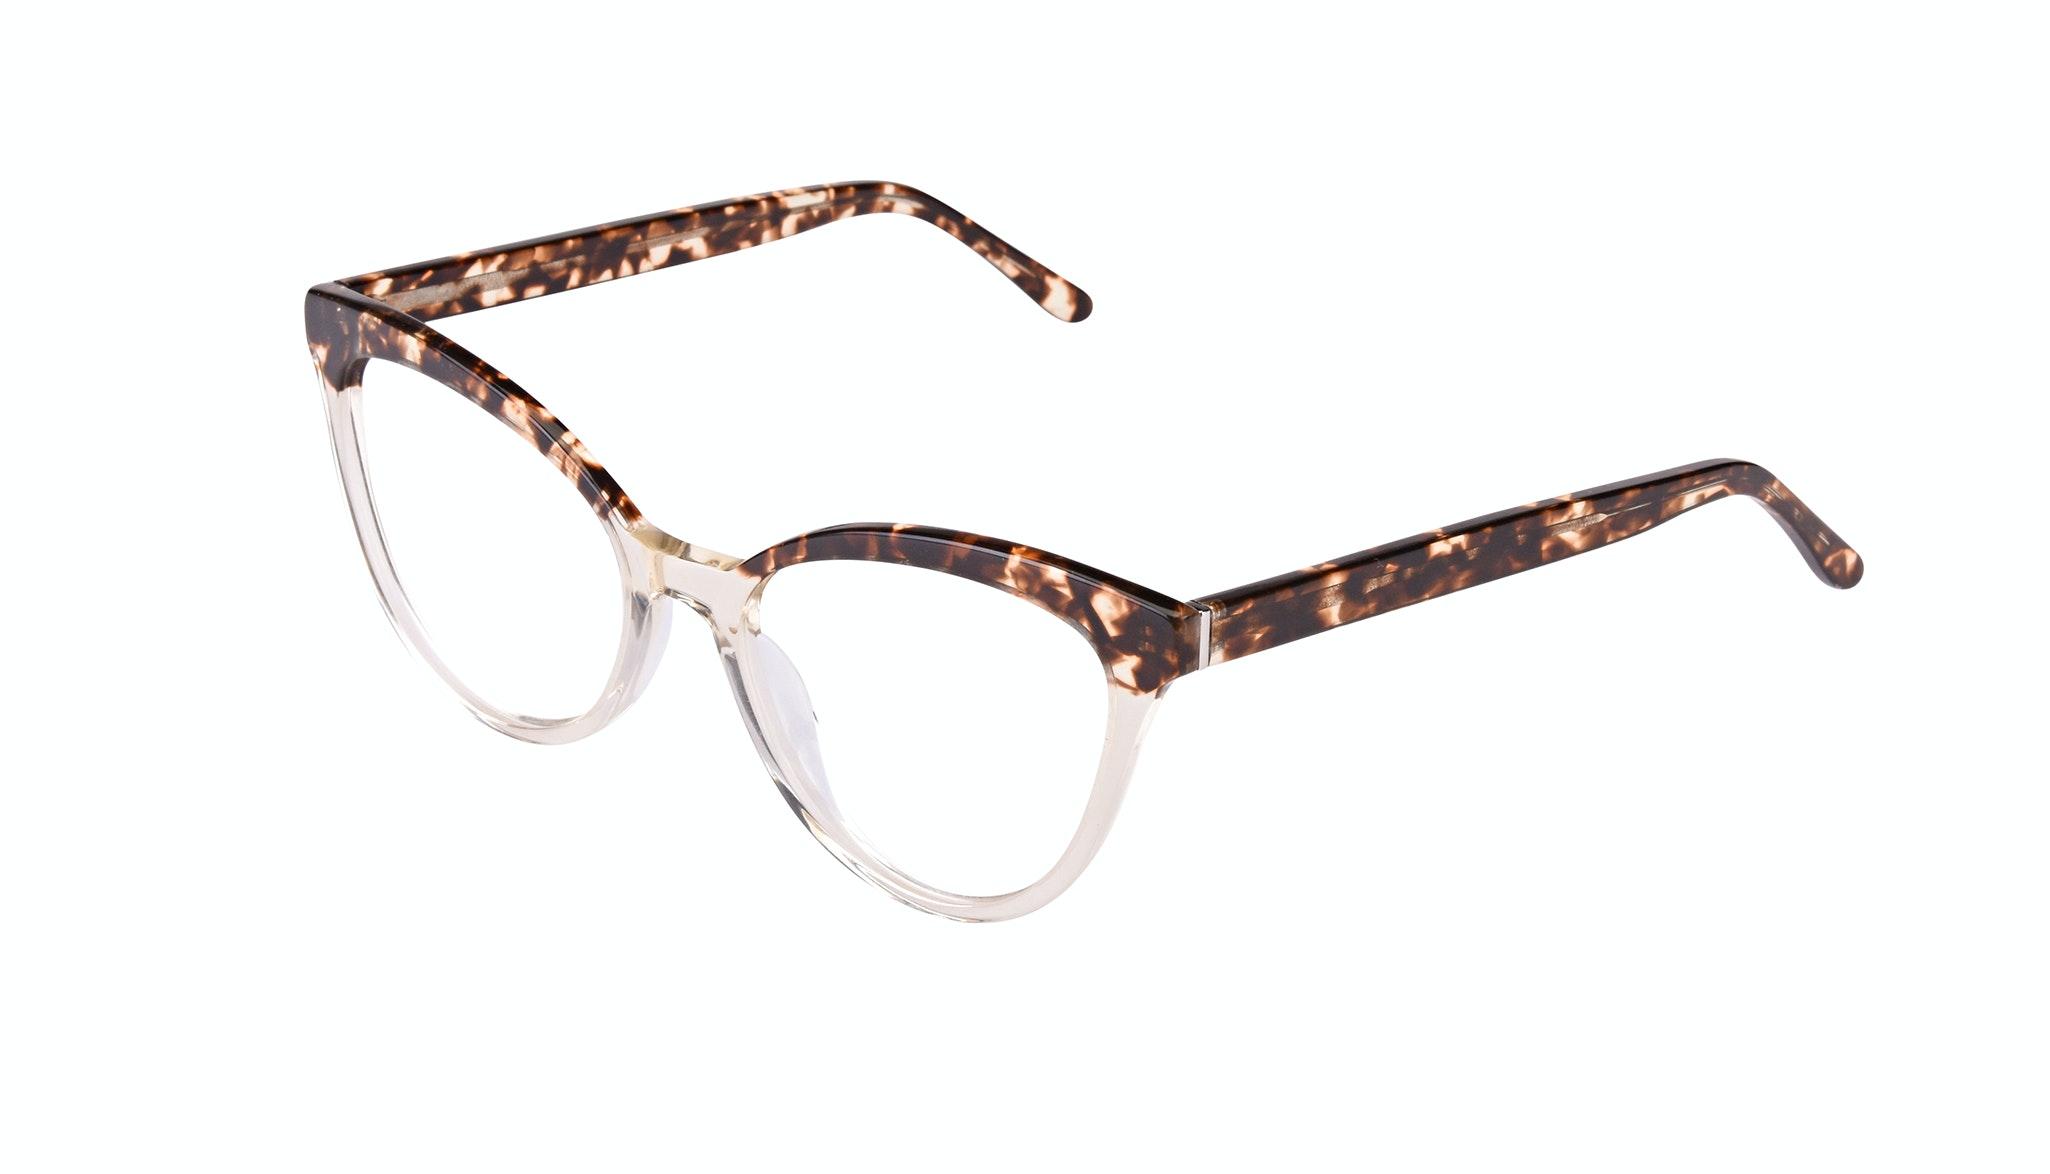 Affordable Fashion Glasses Cat Eye Daring Cateye Eyeglasses Women Reverie Blond Tortoise Tilt